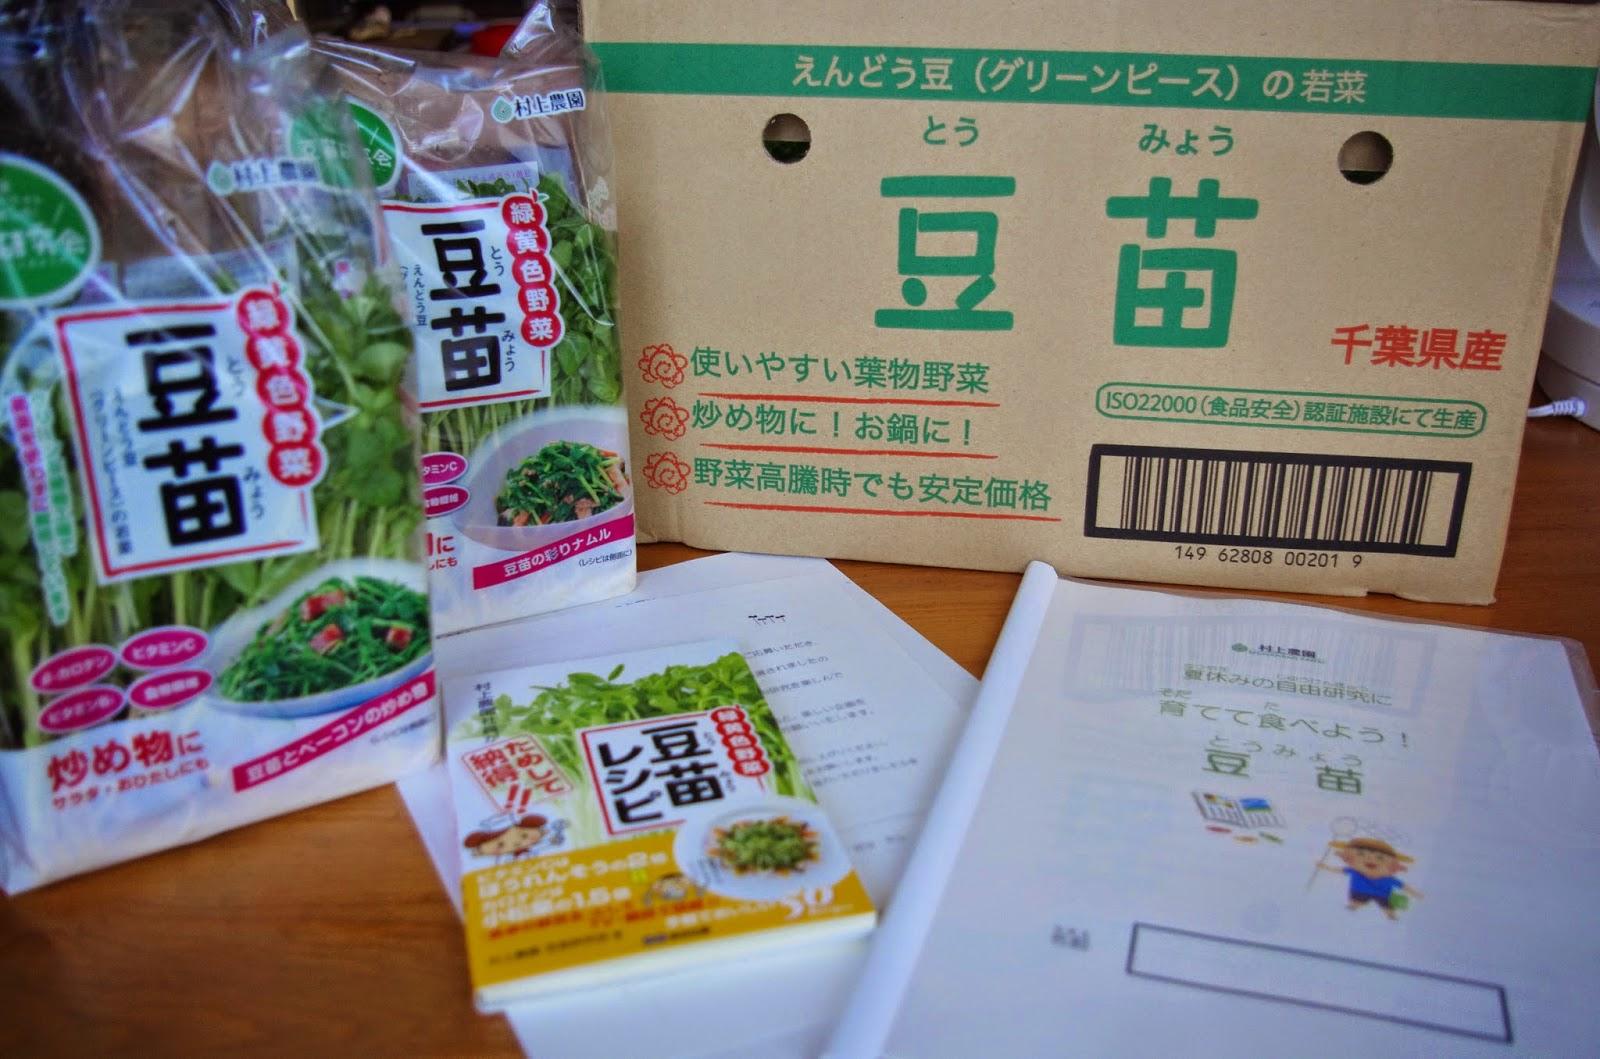 豆苗という野菜をいままで意識 ... : 小学校2年生 自由研究 : 小学校